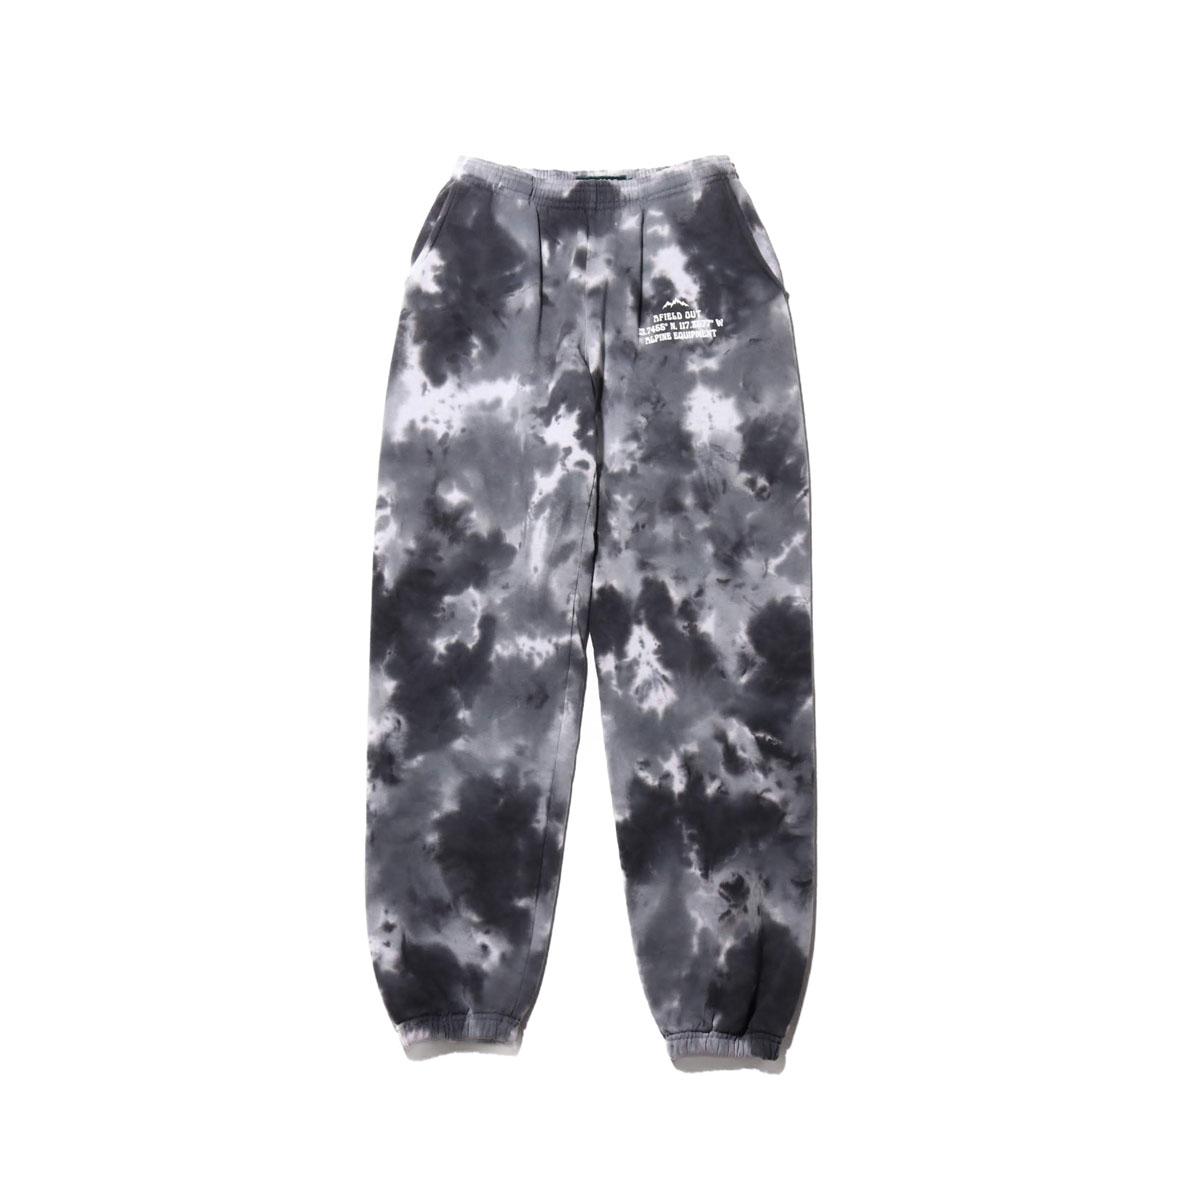 AFIELD OUT TIE DYE SWEAT PANTS(Black Tie Dye)(アフィールドアウト タイダイ フーディ スウェットパンツ)【メンズ】【ロングパンツ】【20SU-I】